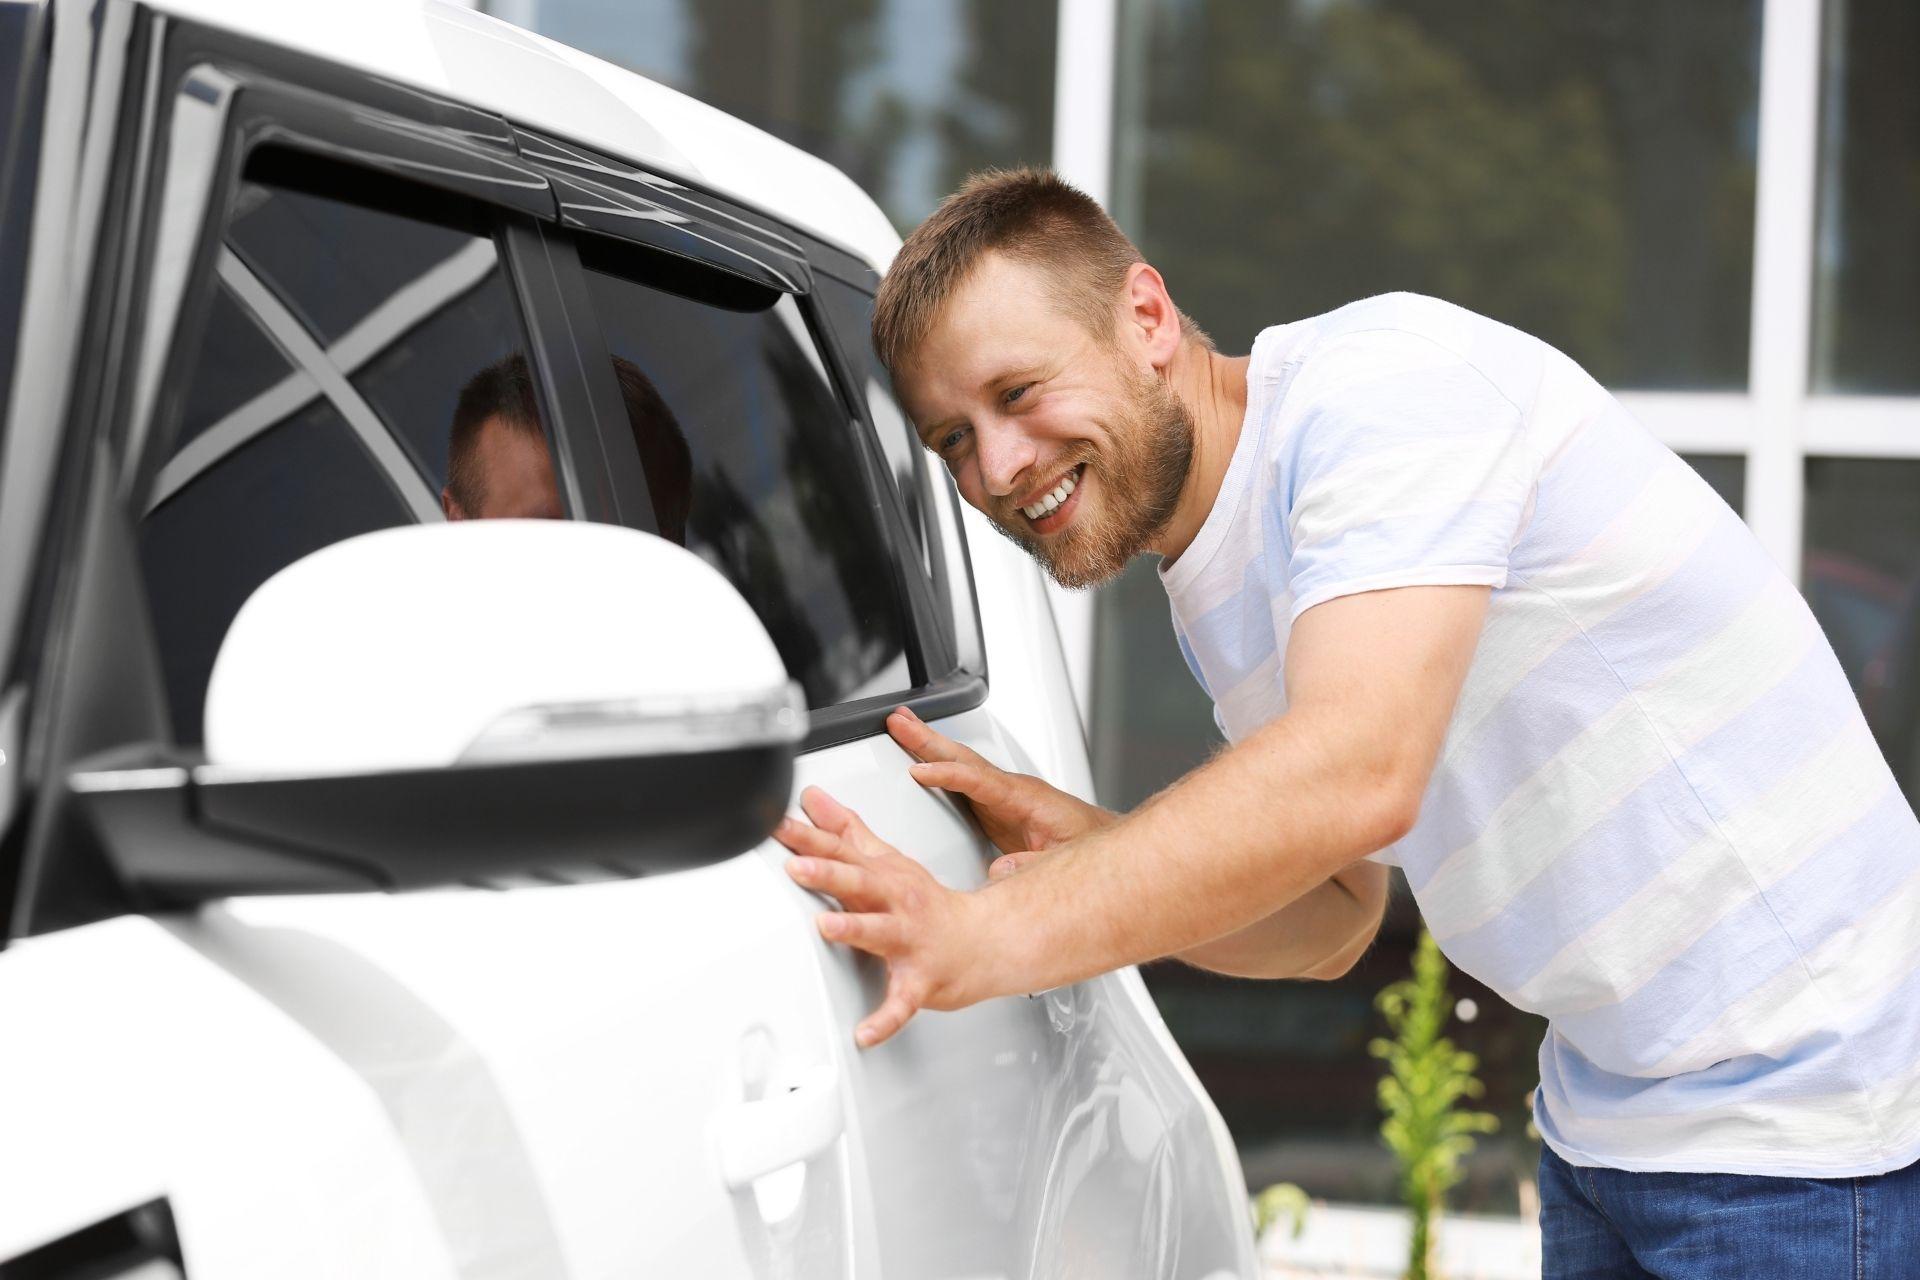 guy wearing white checking on car smiling